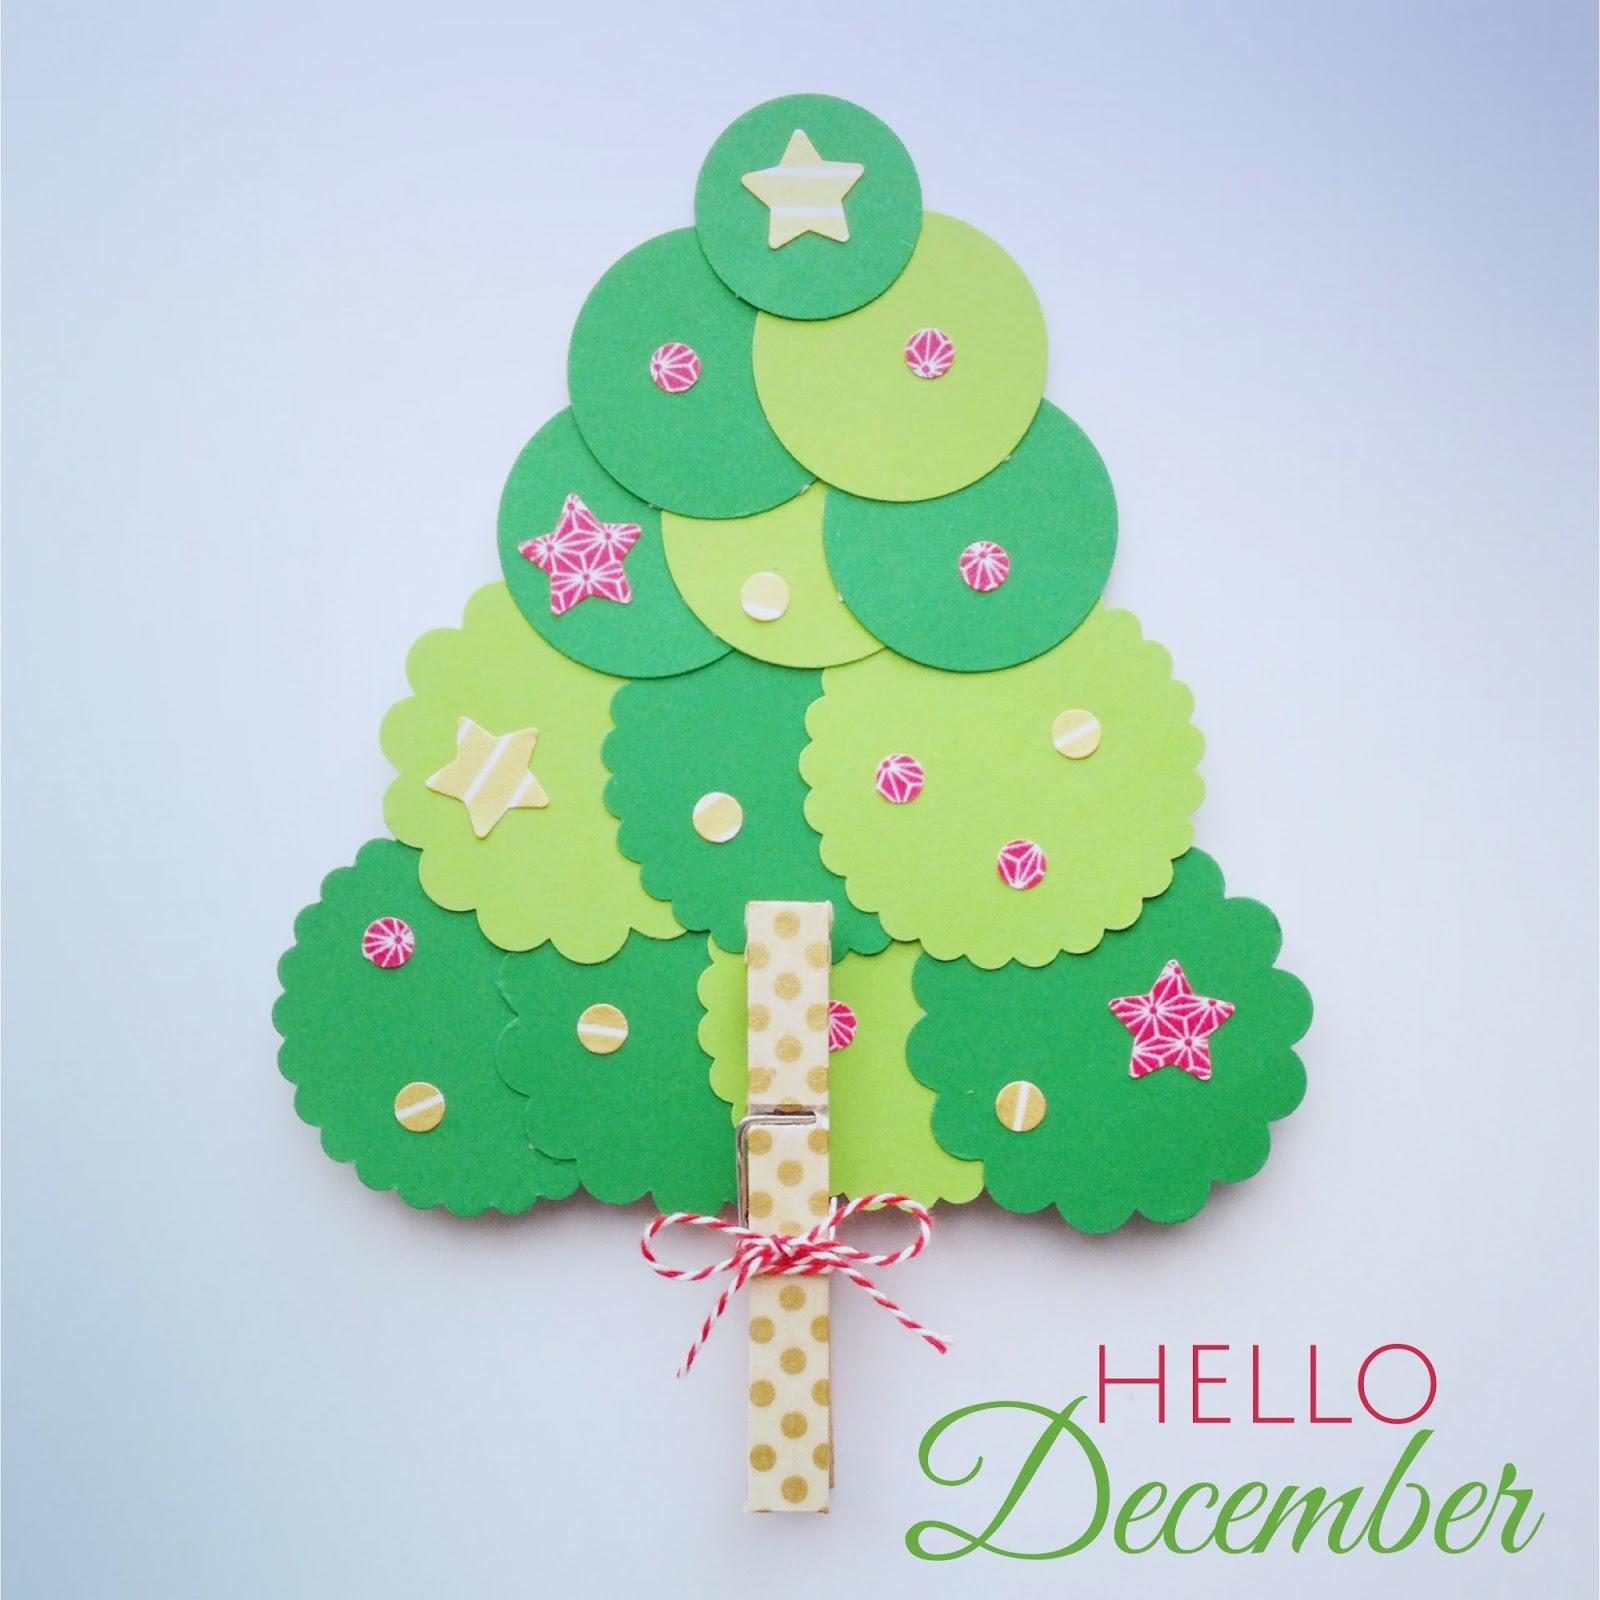 Menta m s chocolate recursos y actividades para - Arbol de navidad infantil ...